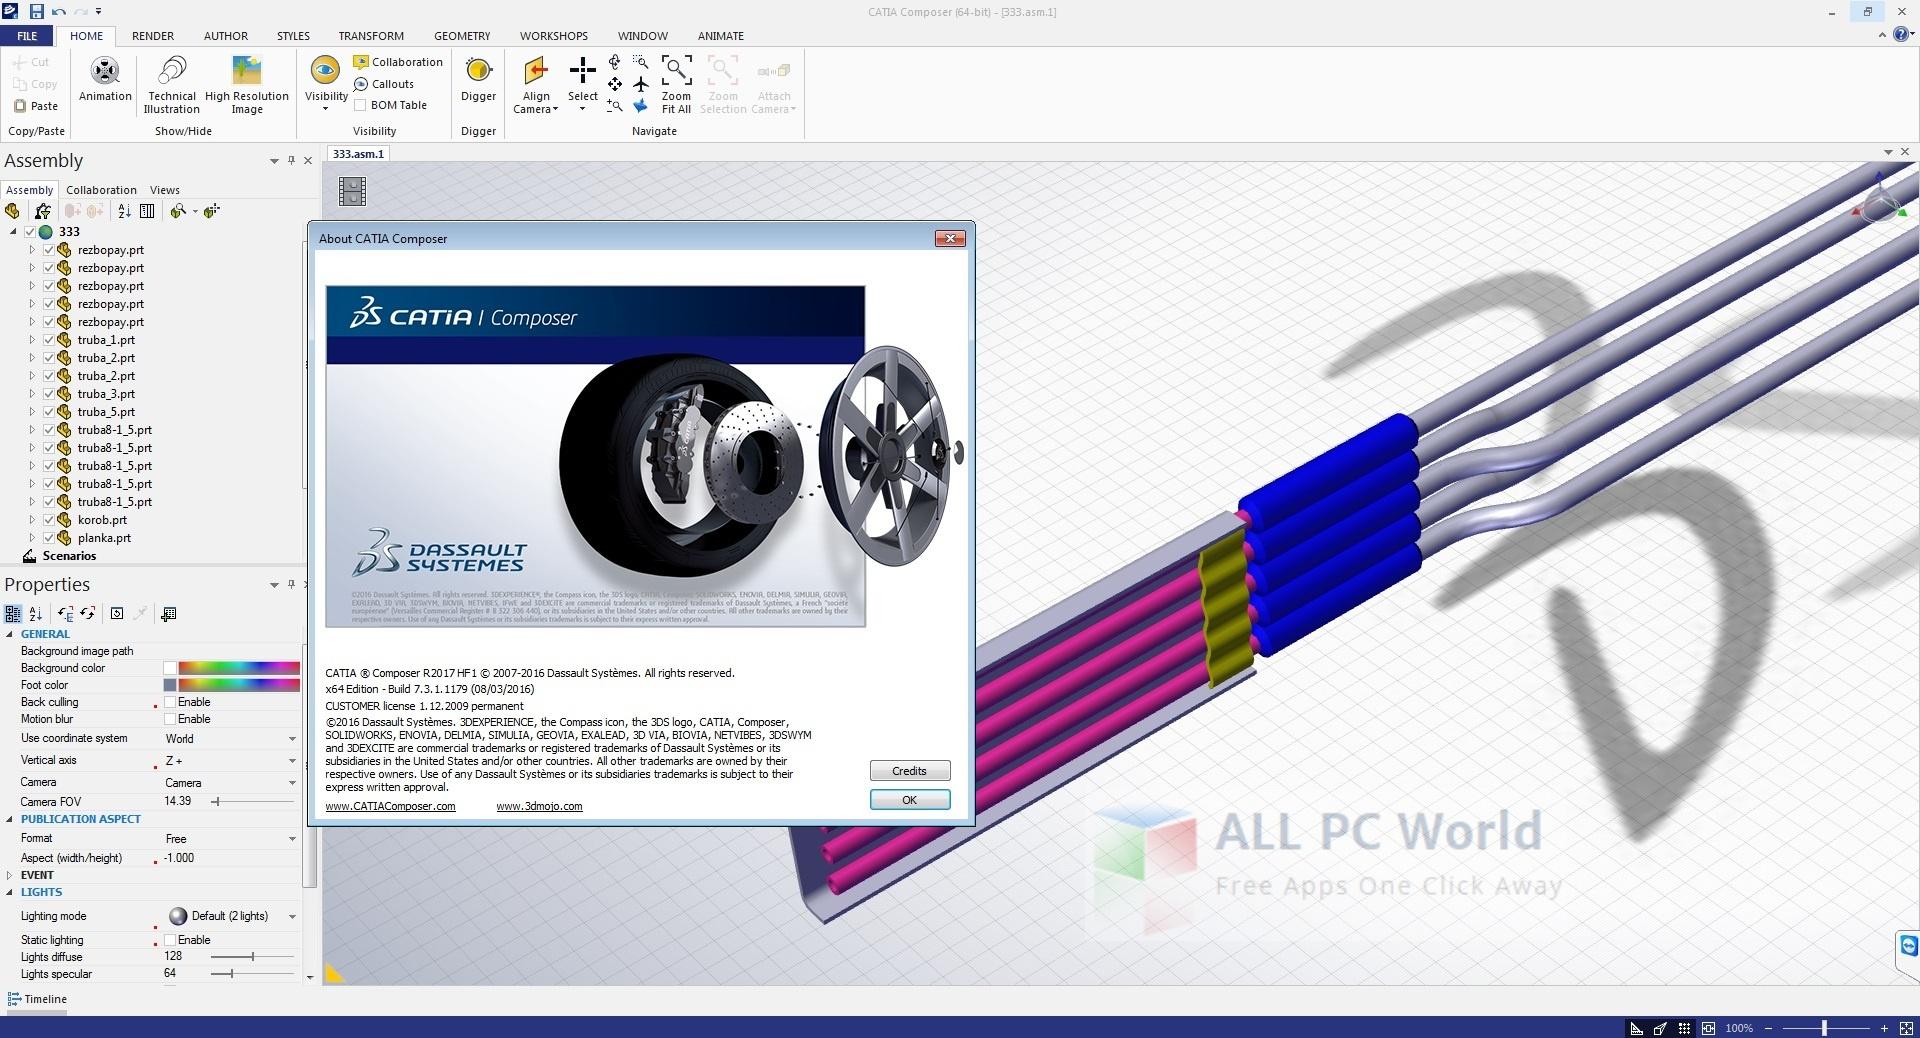 DS CATIA Composer R2017 HF1 Review